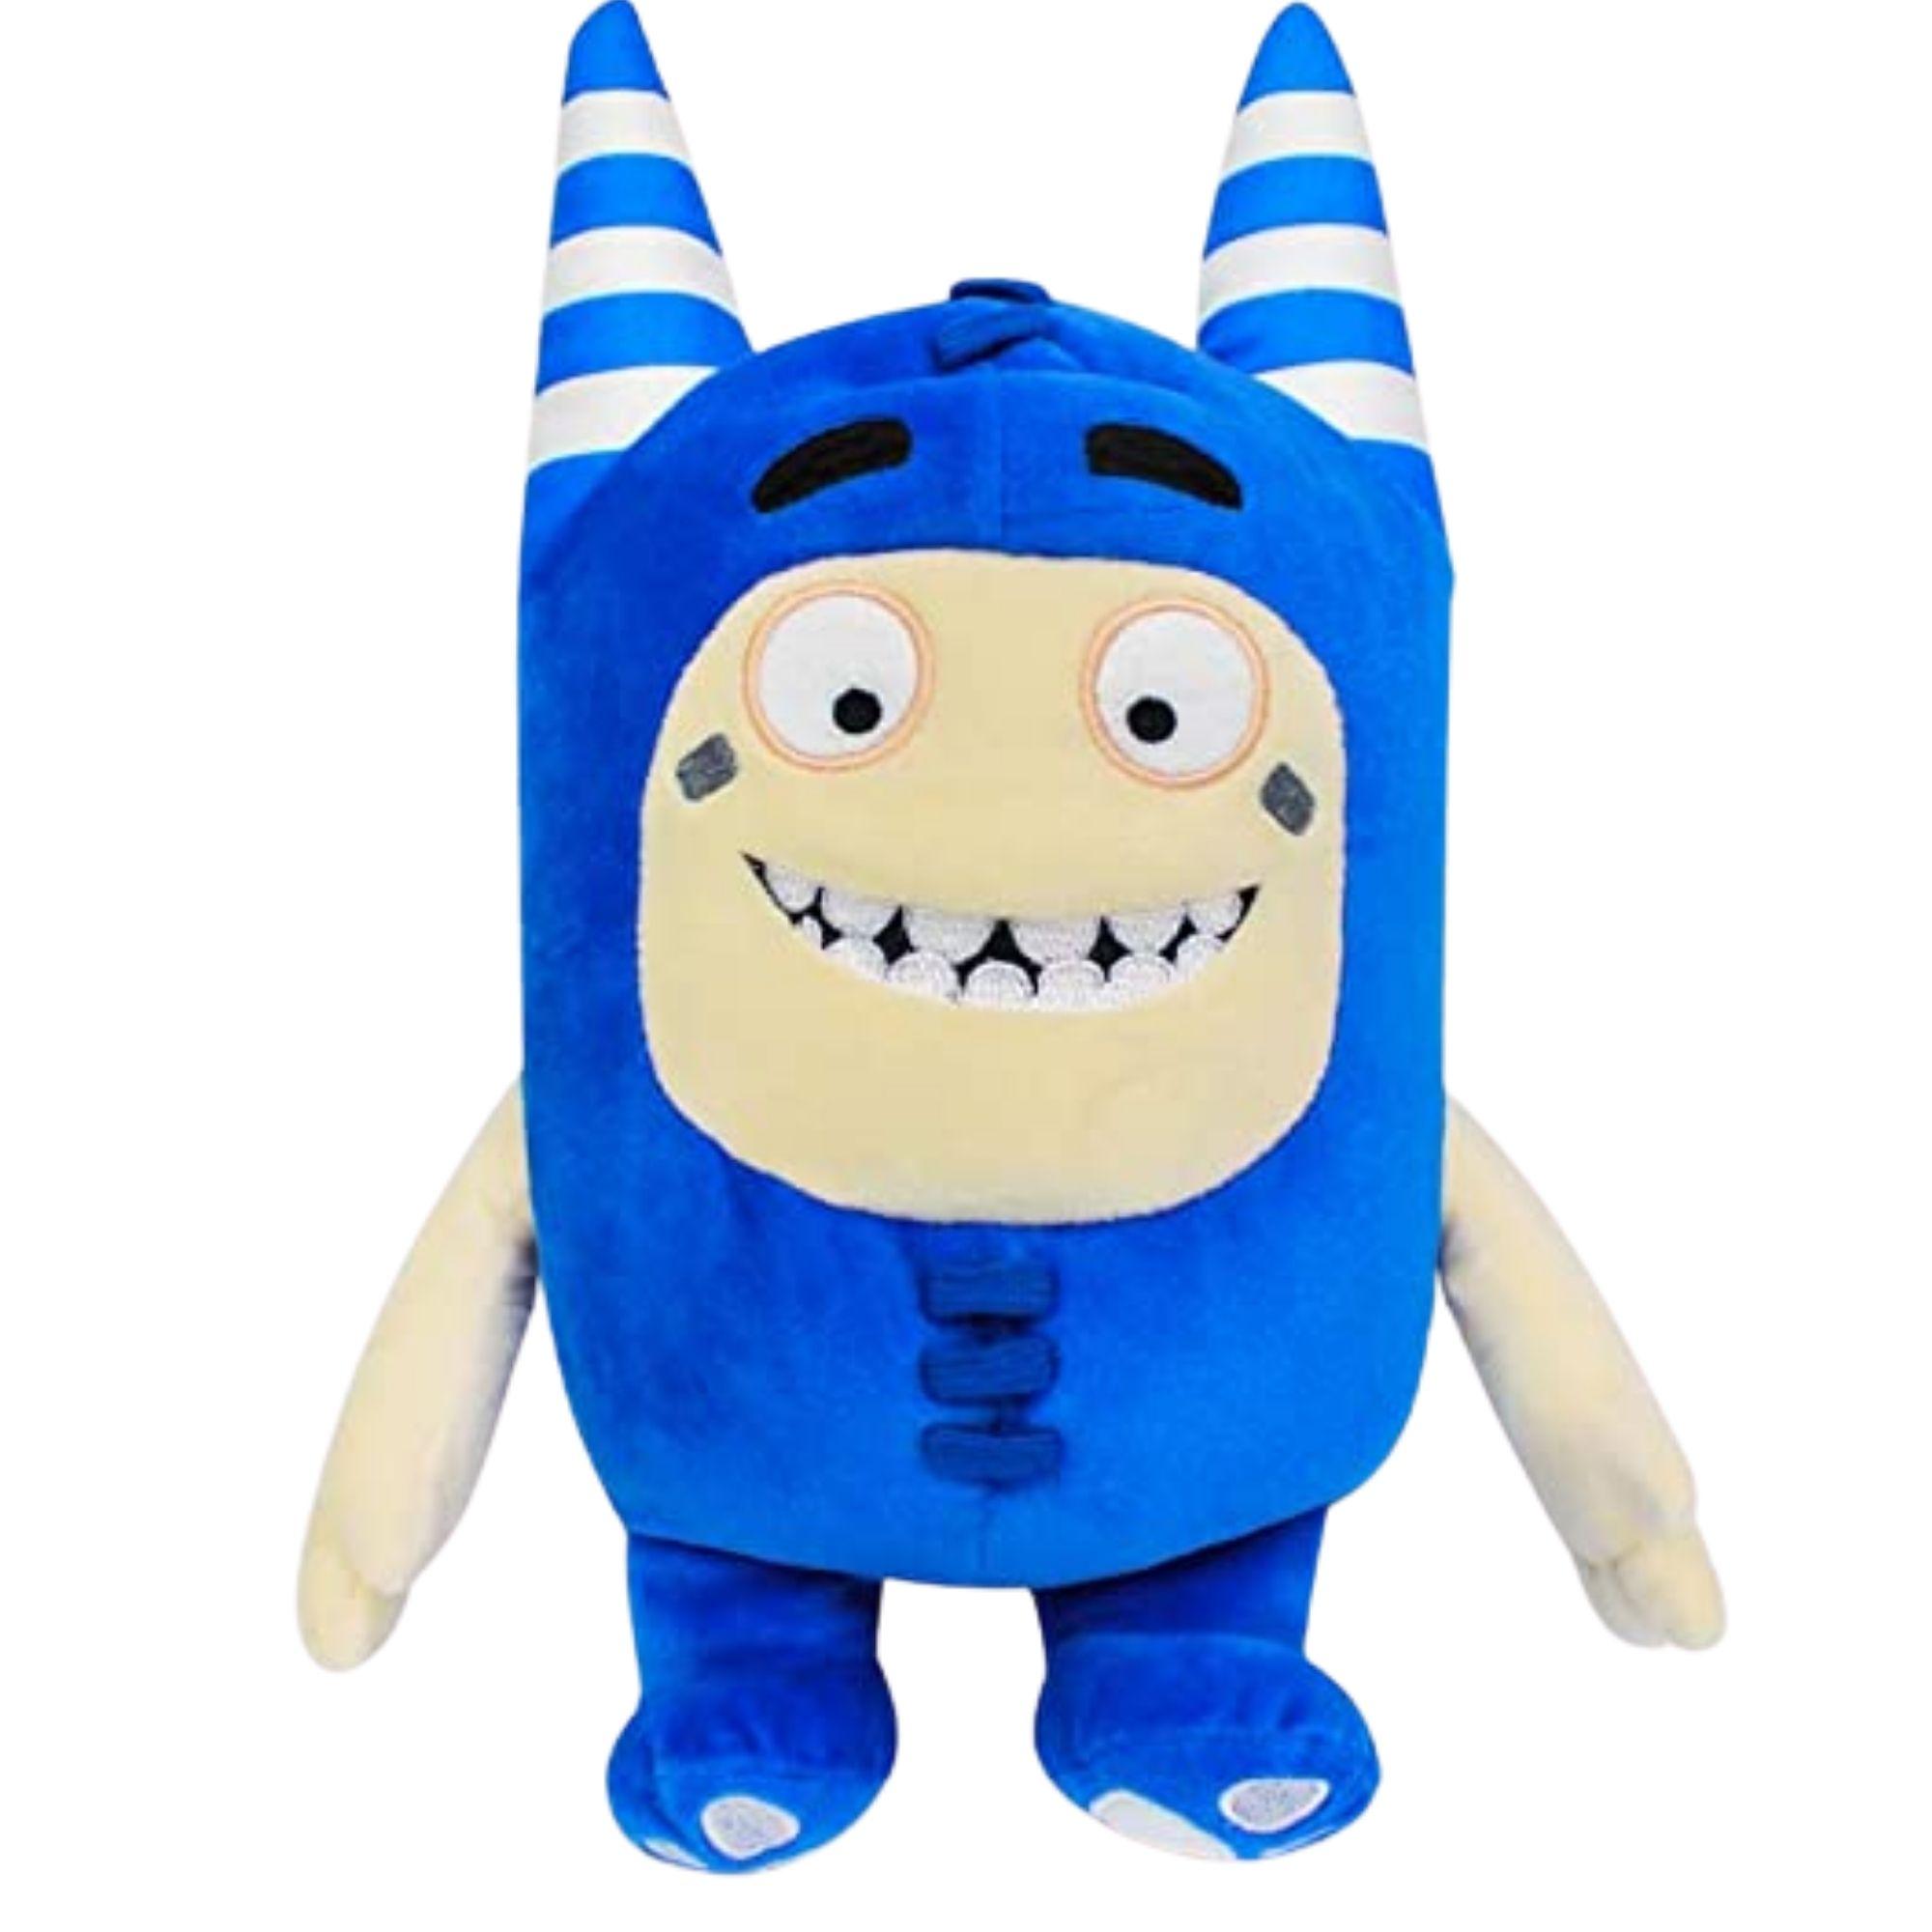 Kit com 2 Bonecos de Pelúcia Oddbods - 1 Vermelho e 1 Azul  - Game Land Brinquedos